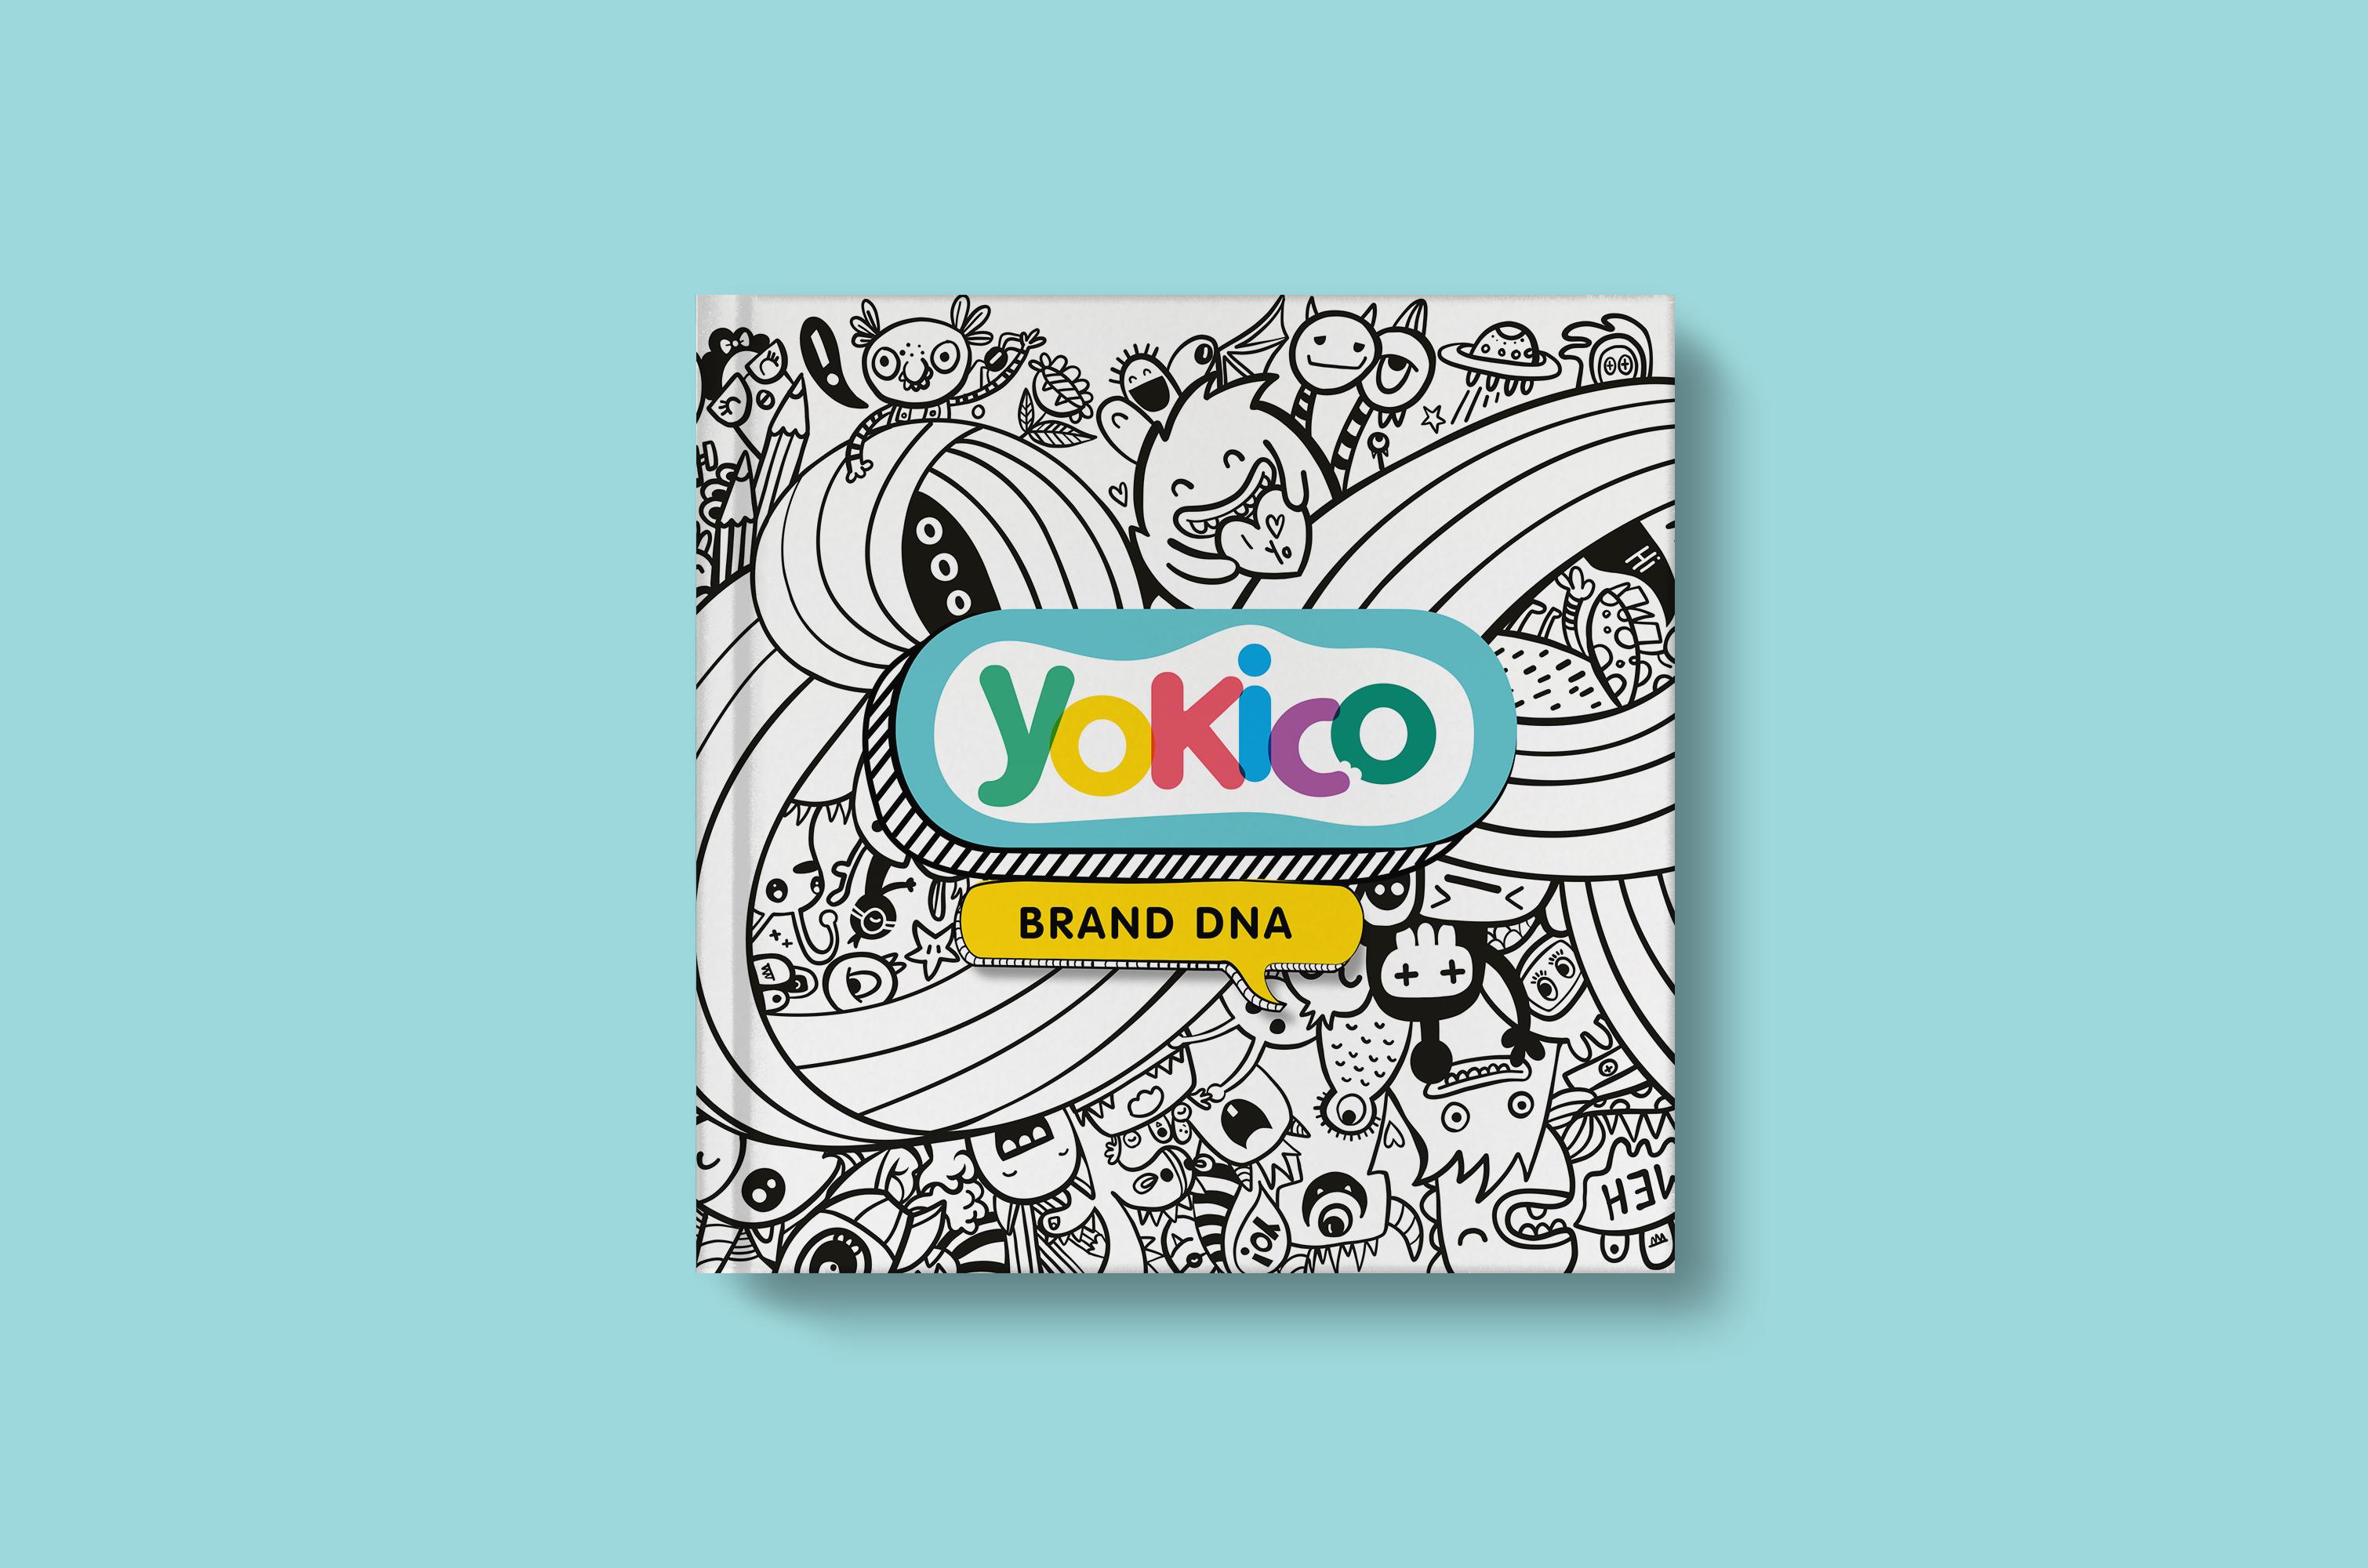 Yokico